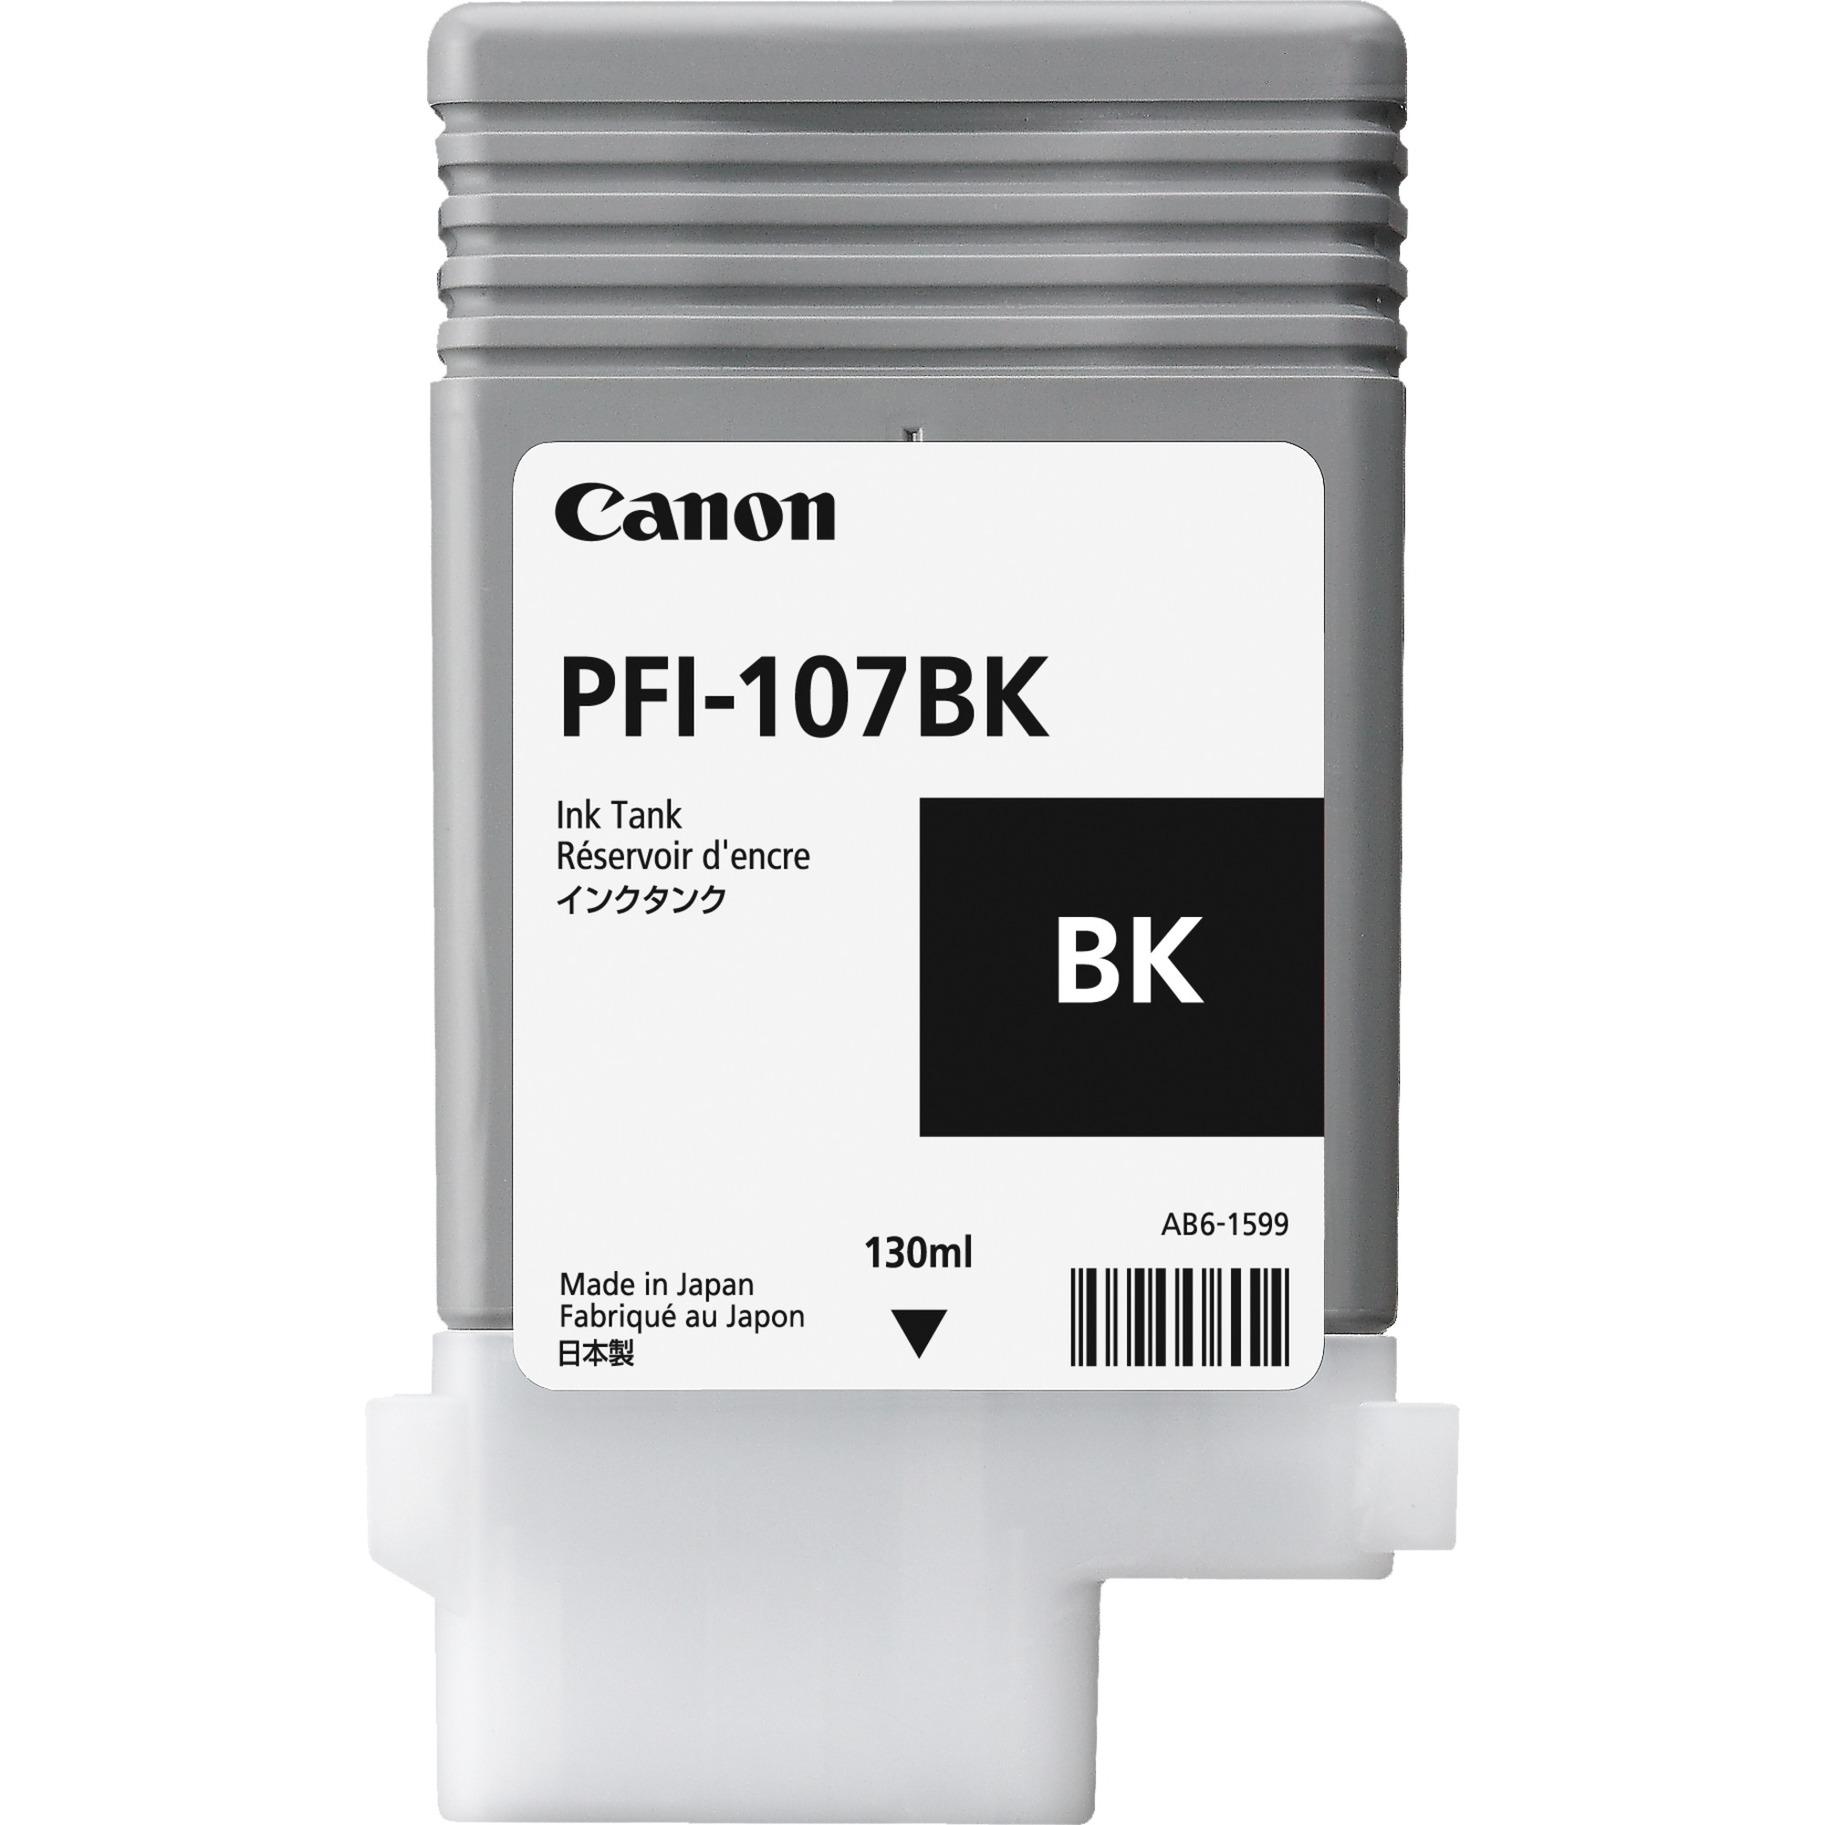 PFI-107BK Noir cartouche d'encre